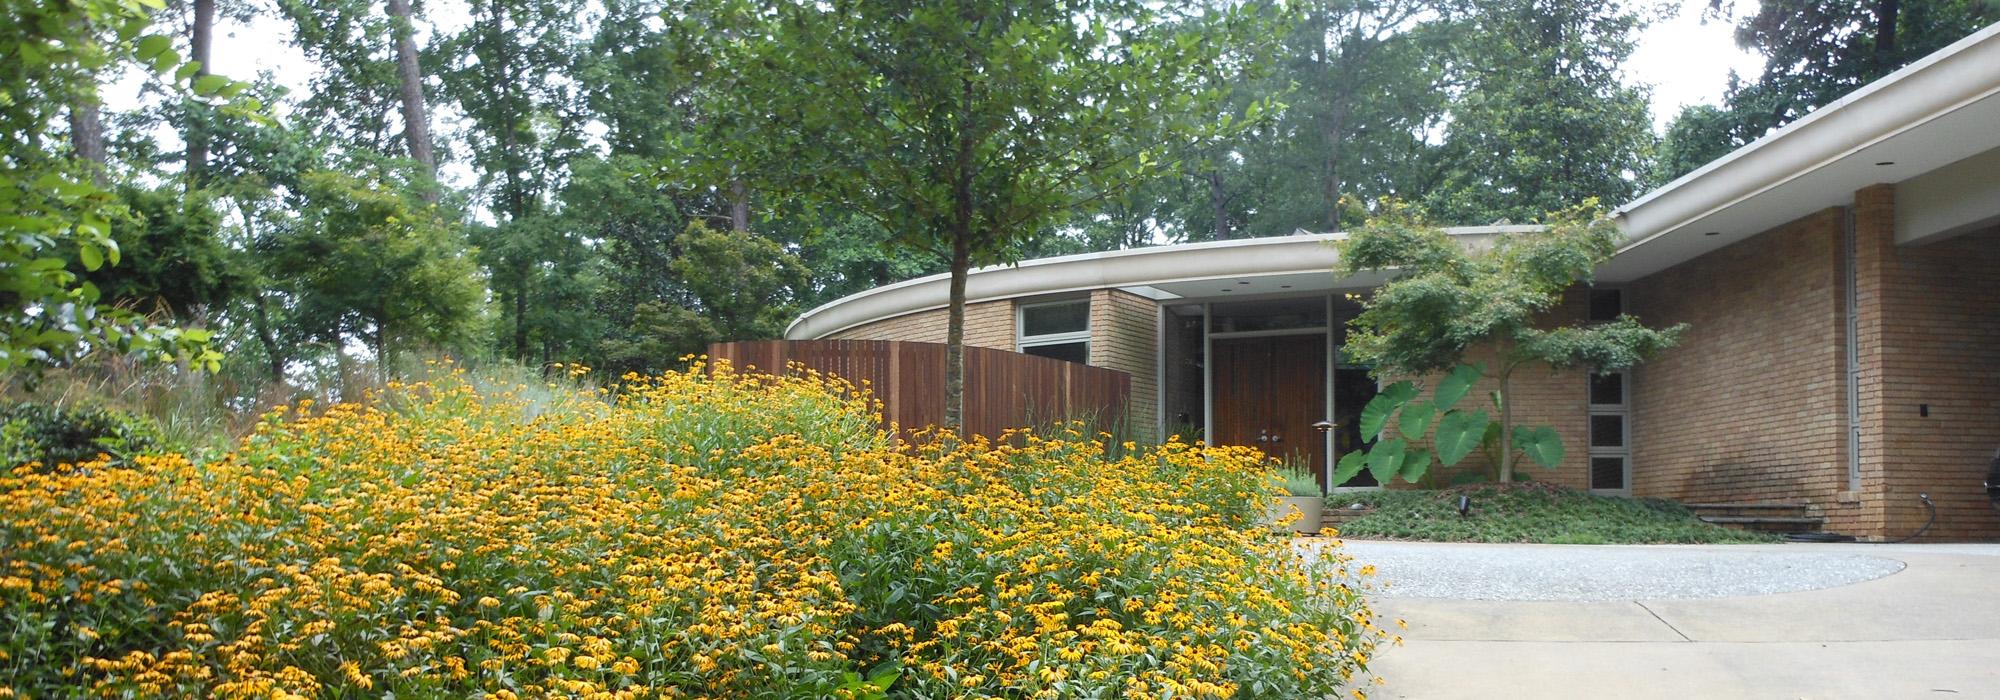 GardenDialogues_Atlanta_hero_2015.jpg